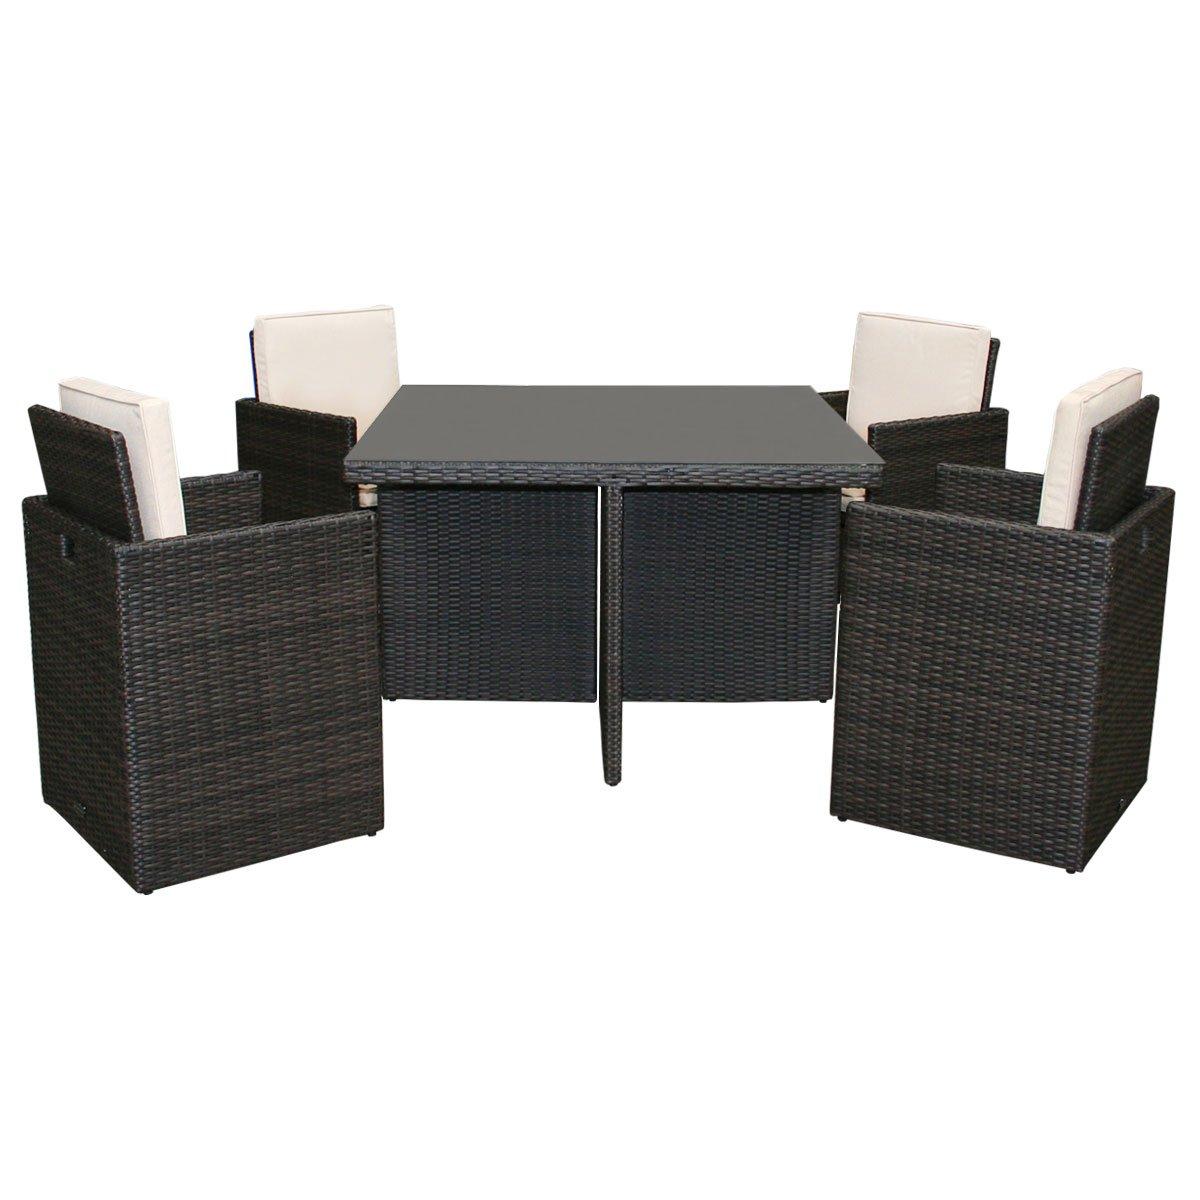 Korbmöbel-Set für Garten - Rattan-Look - Glastisch & 4 Stühle - Braun - 5-tlg.